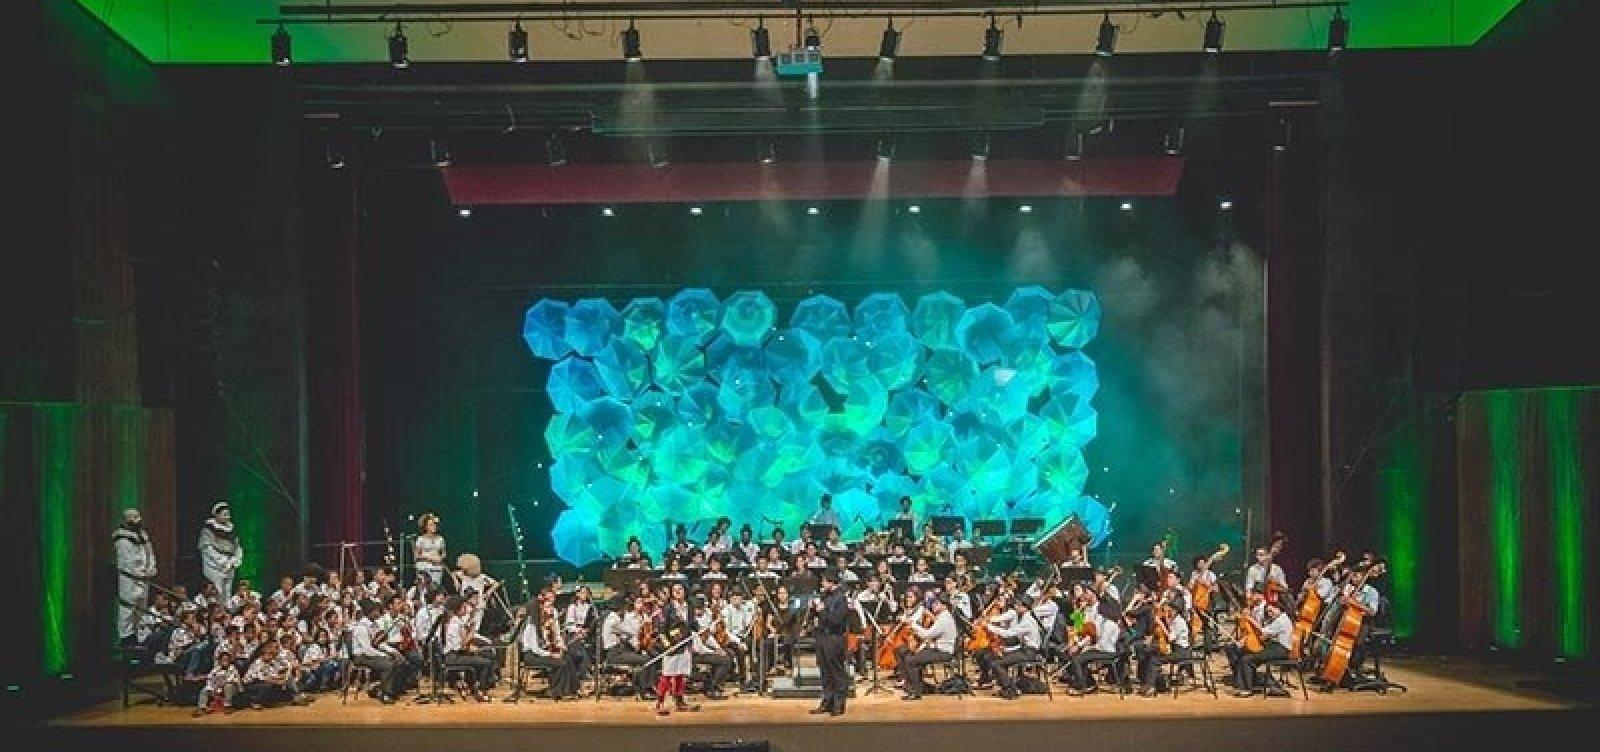 Neojiba comemora 11 anos de atividades com show no TCA